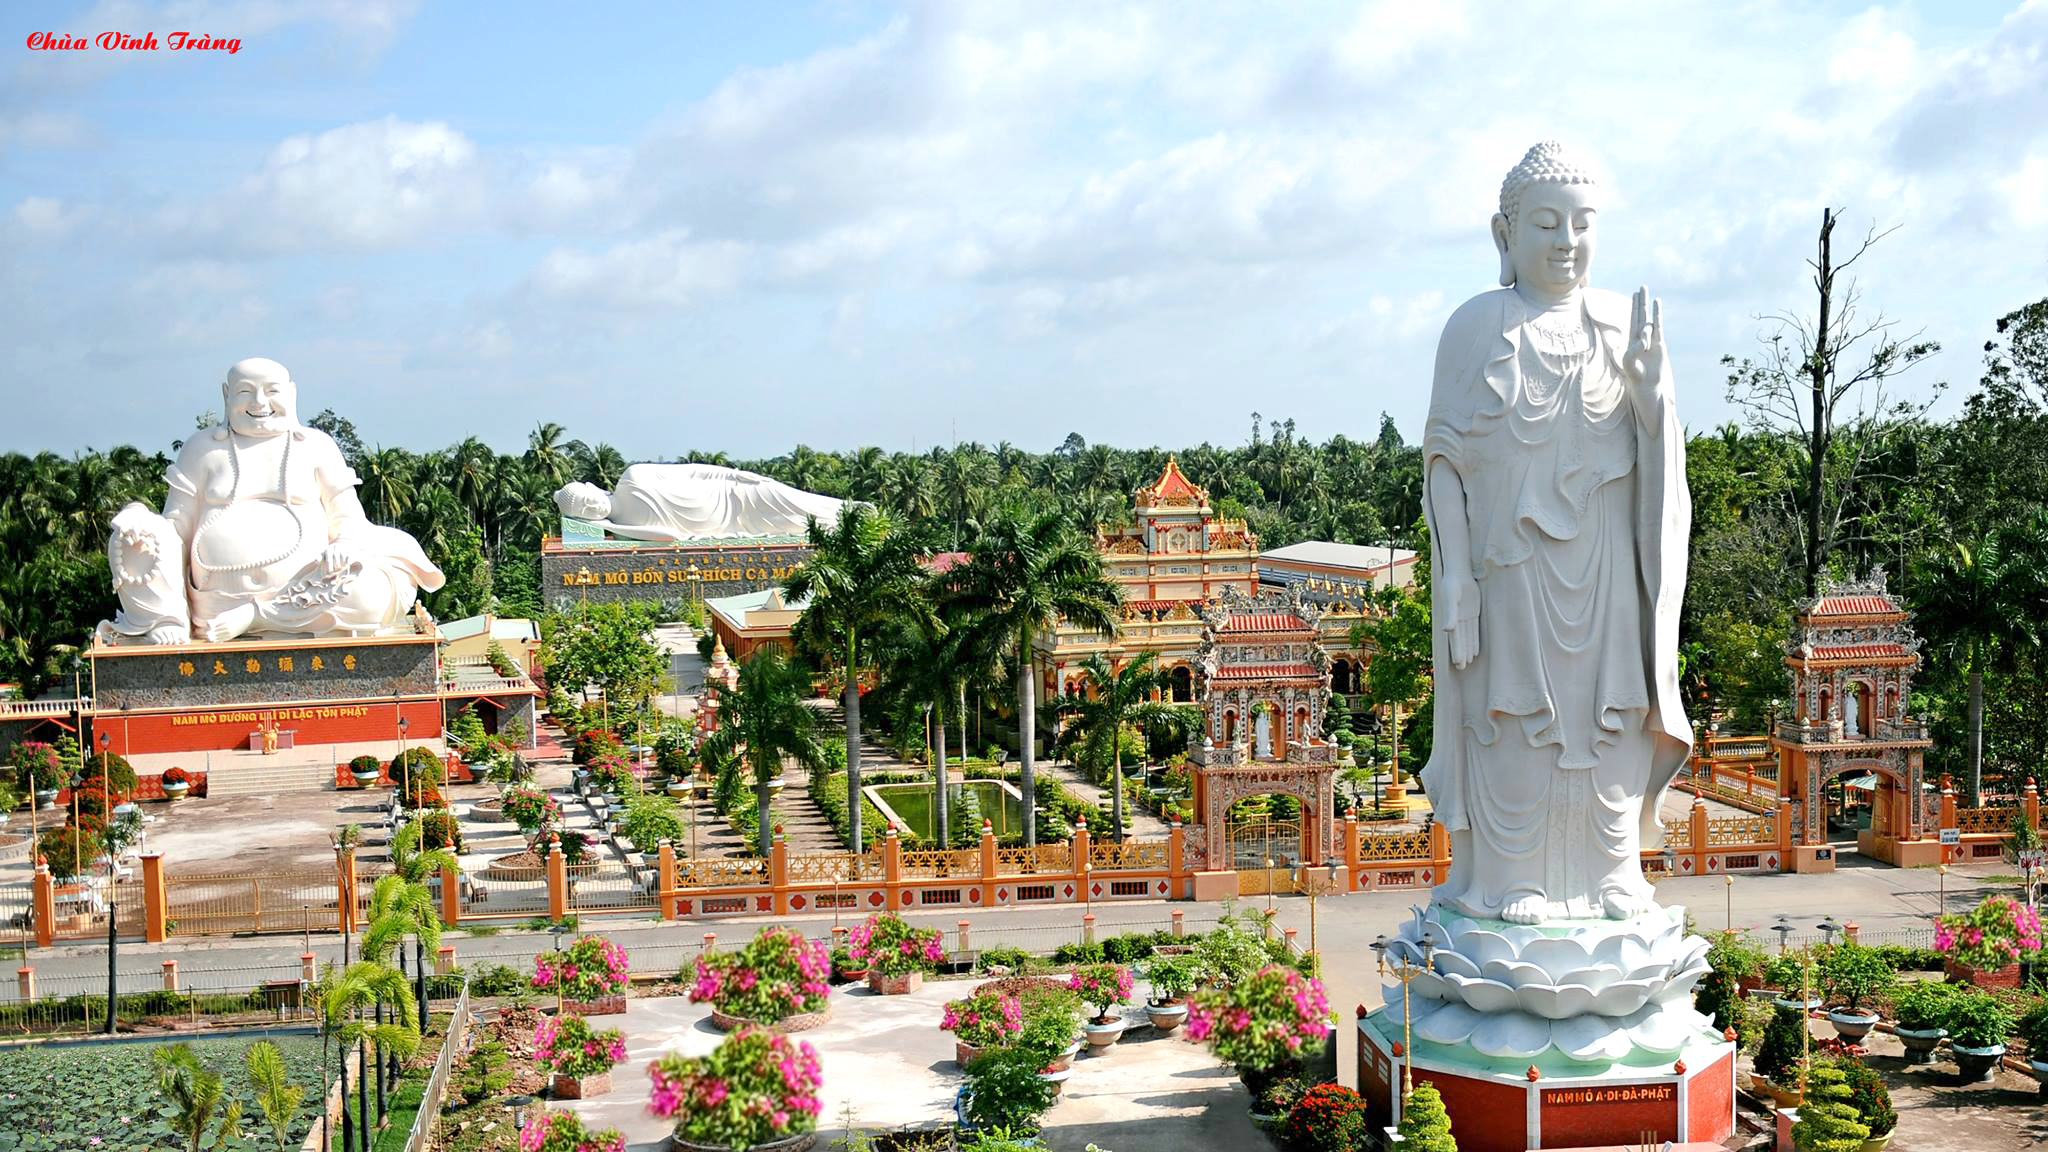 Viet Nam 2 Day Tour In Western